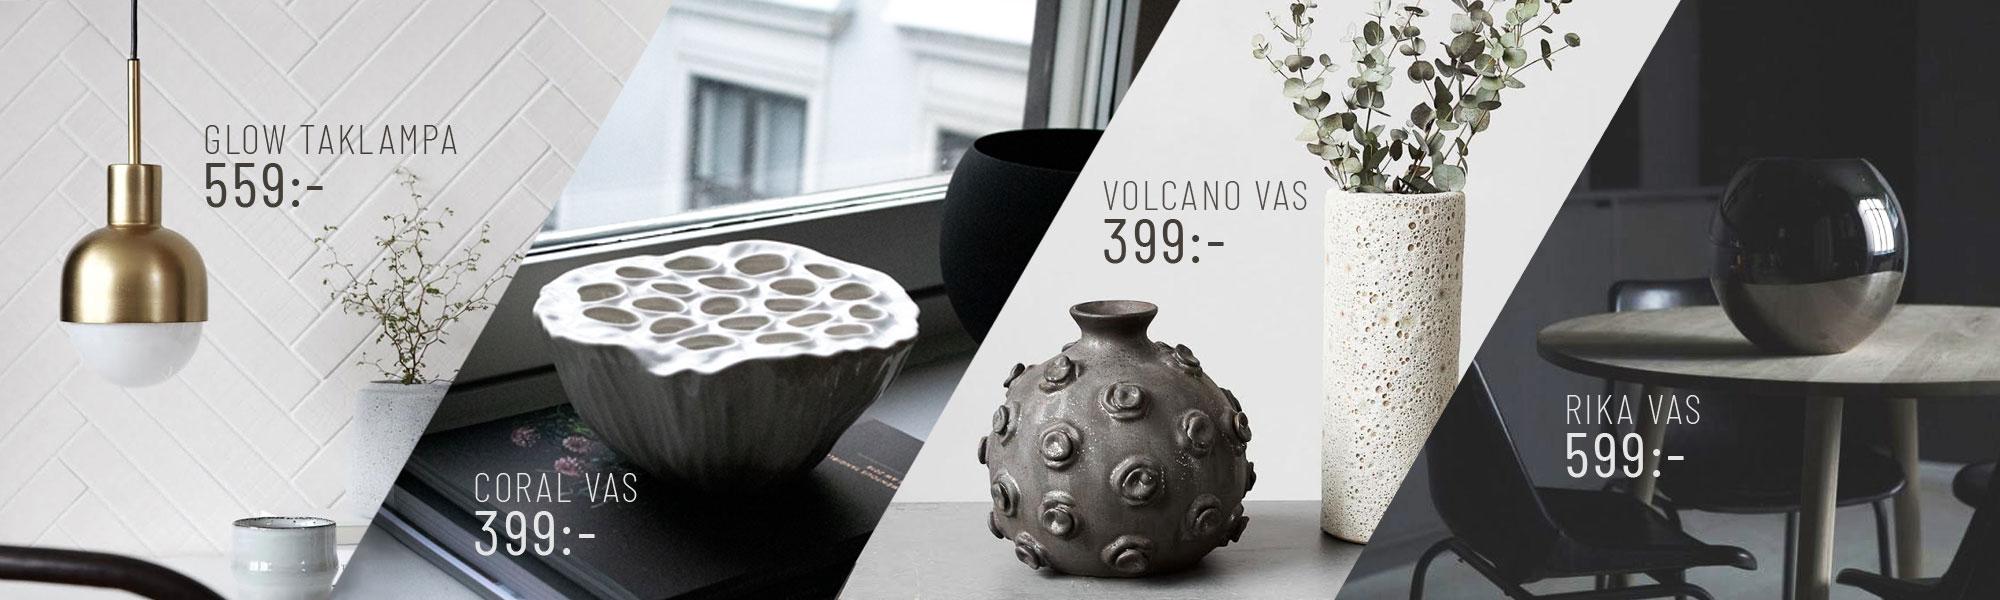 inredning dekoration online lampa kruka vas